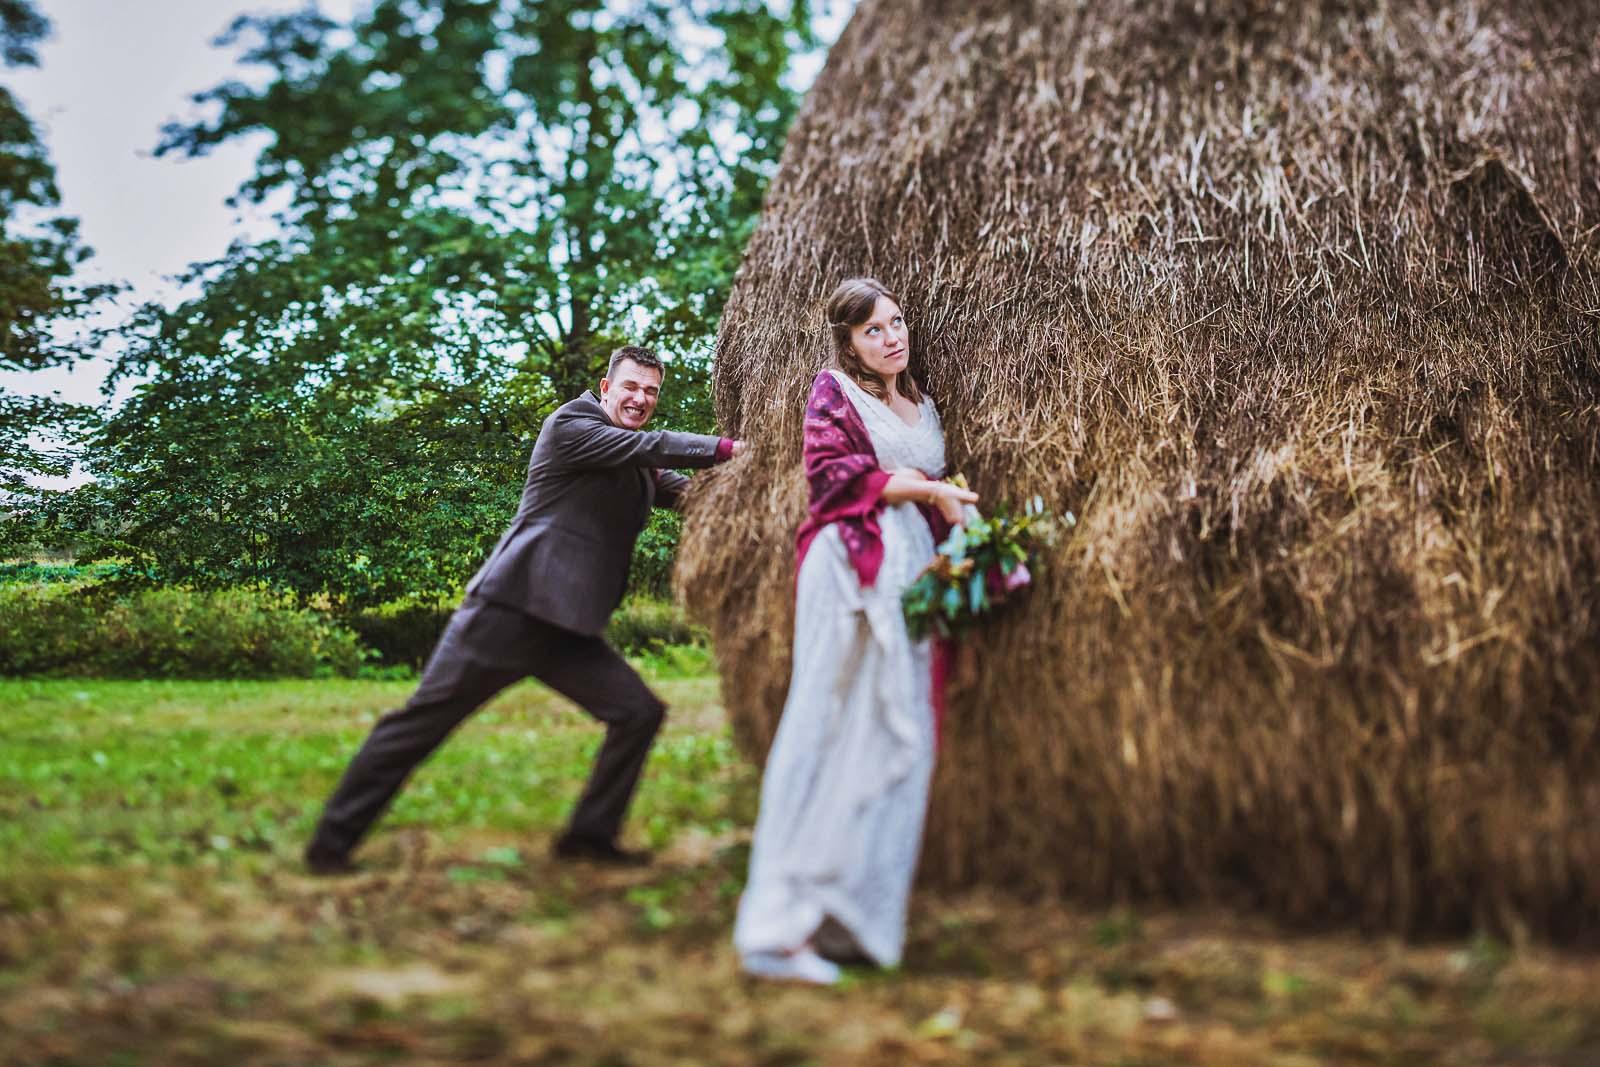 Hochzeitsfotograf Spreewald Brautpaar mit Heuhaufen Copyright by Hochzeitsfotograf www.berliner-hochzeitsfotografie.de